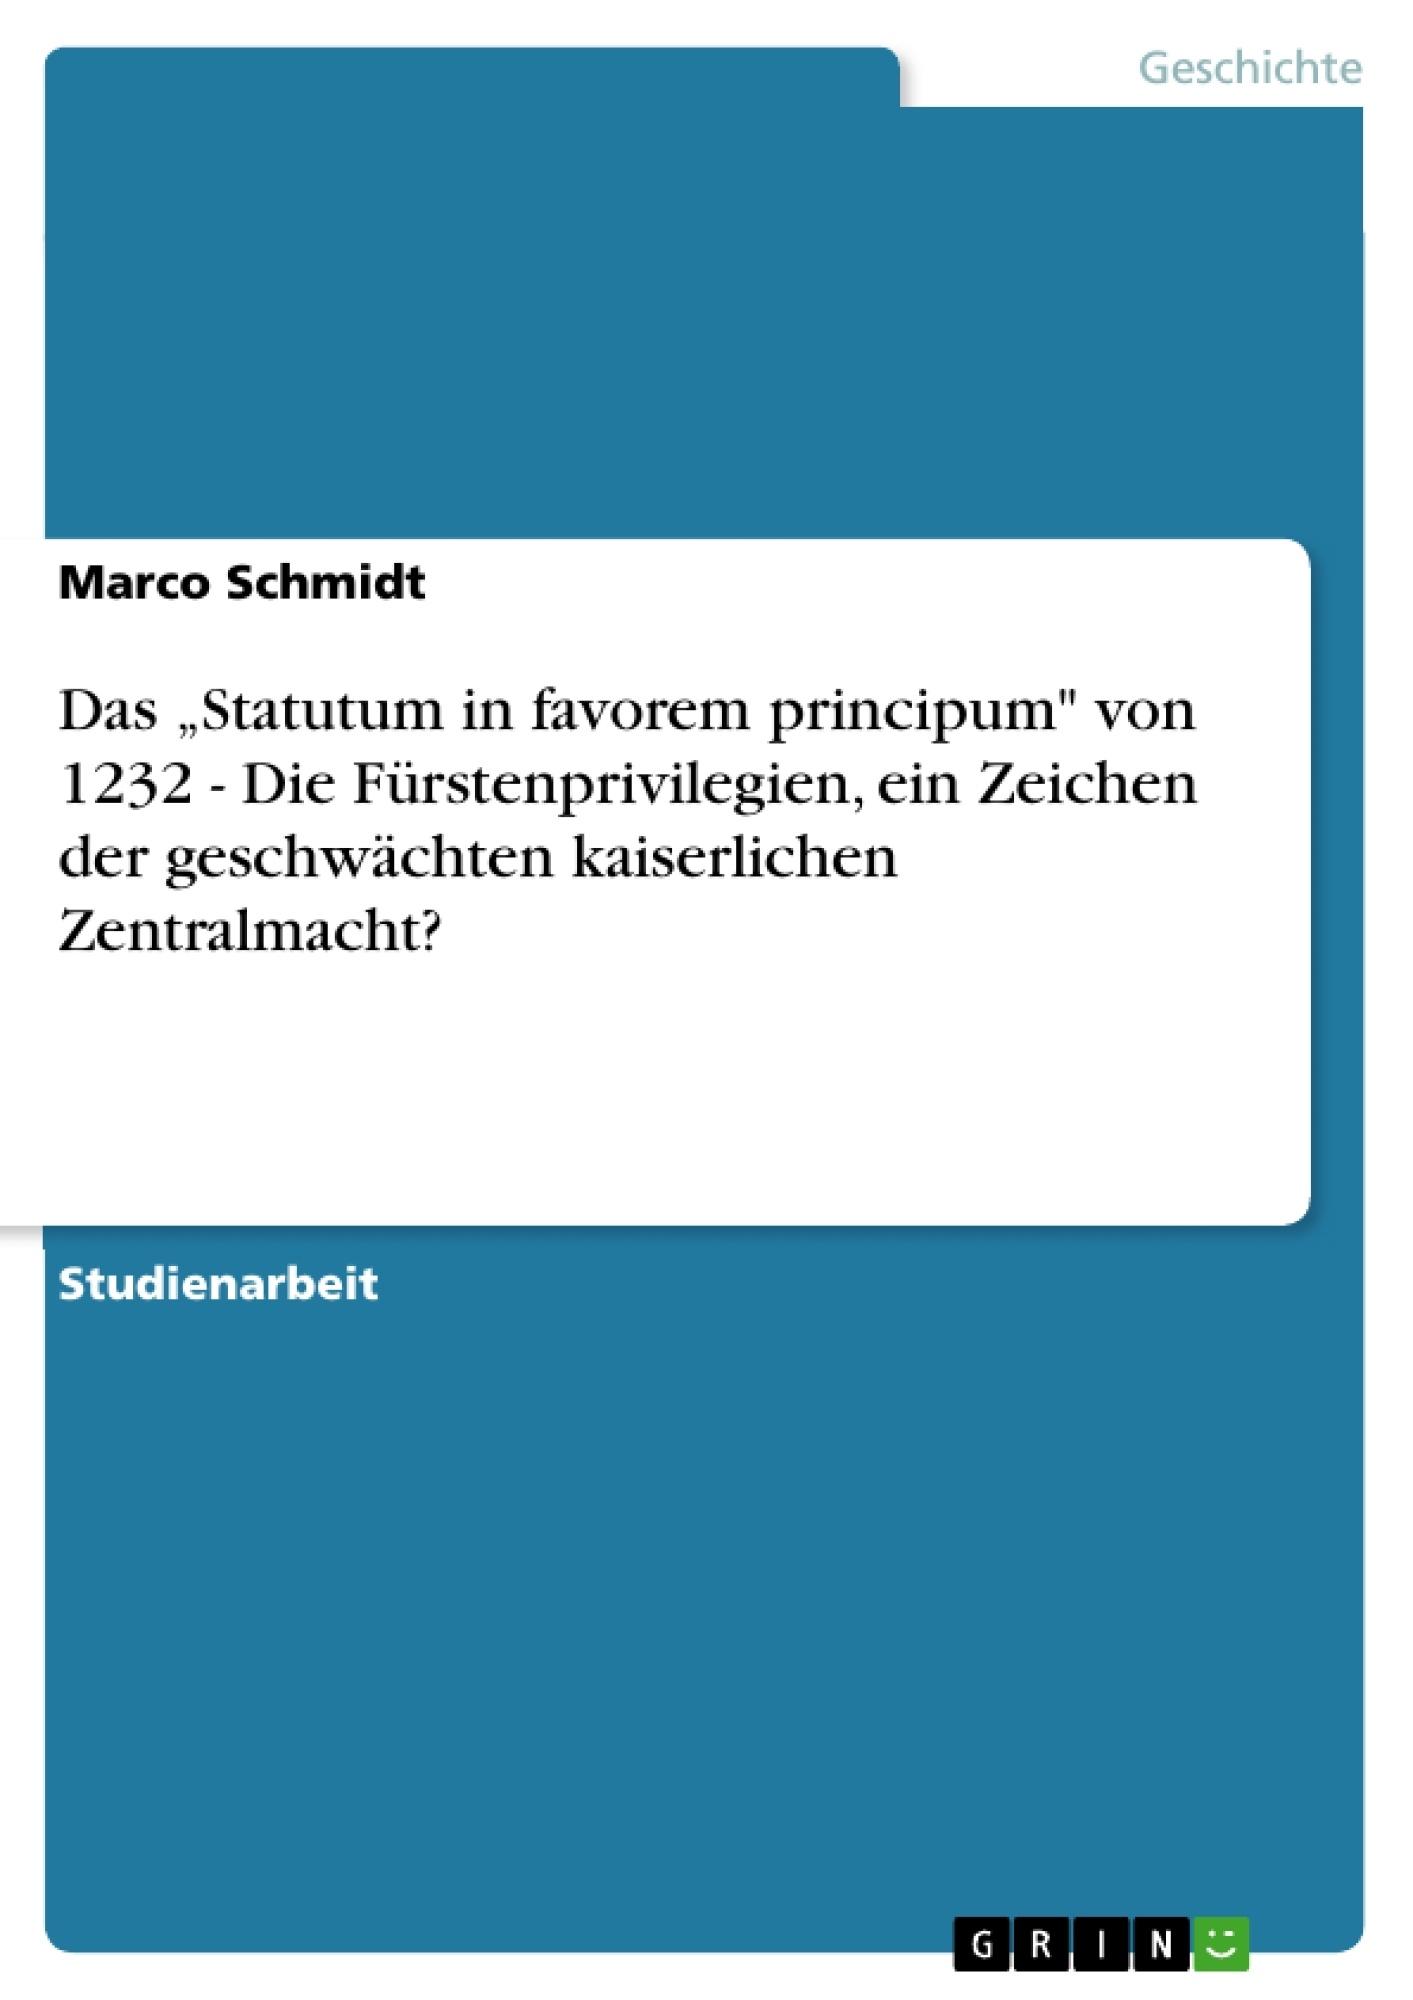 """Titel: Das """"Statutum in favorem principum"""" von 1232 - Die Fürstenprivilegien, ein Zeichen der geschwächten kaiserlichen Zentralmacht?"""